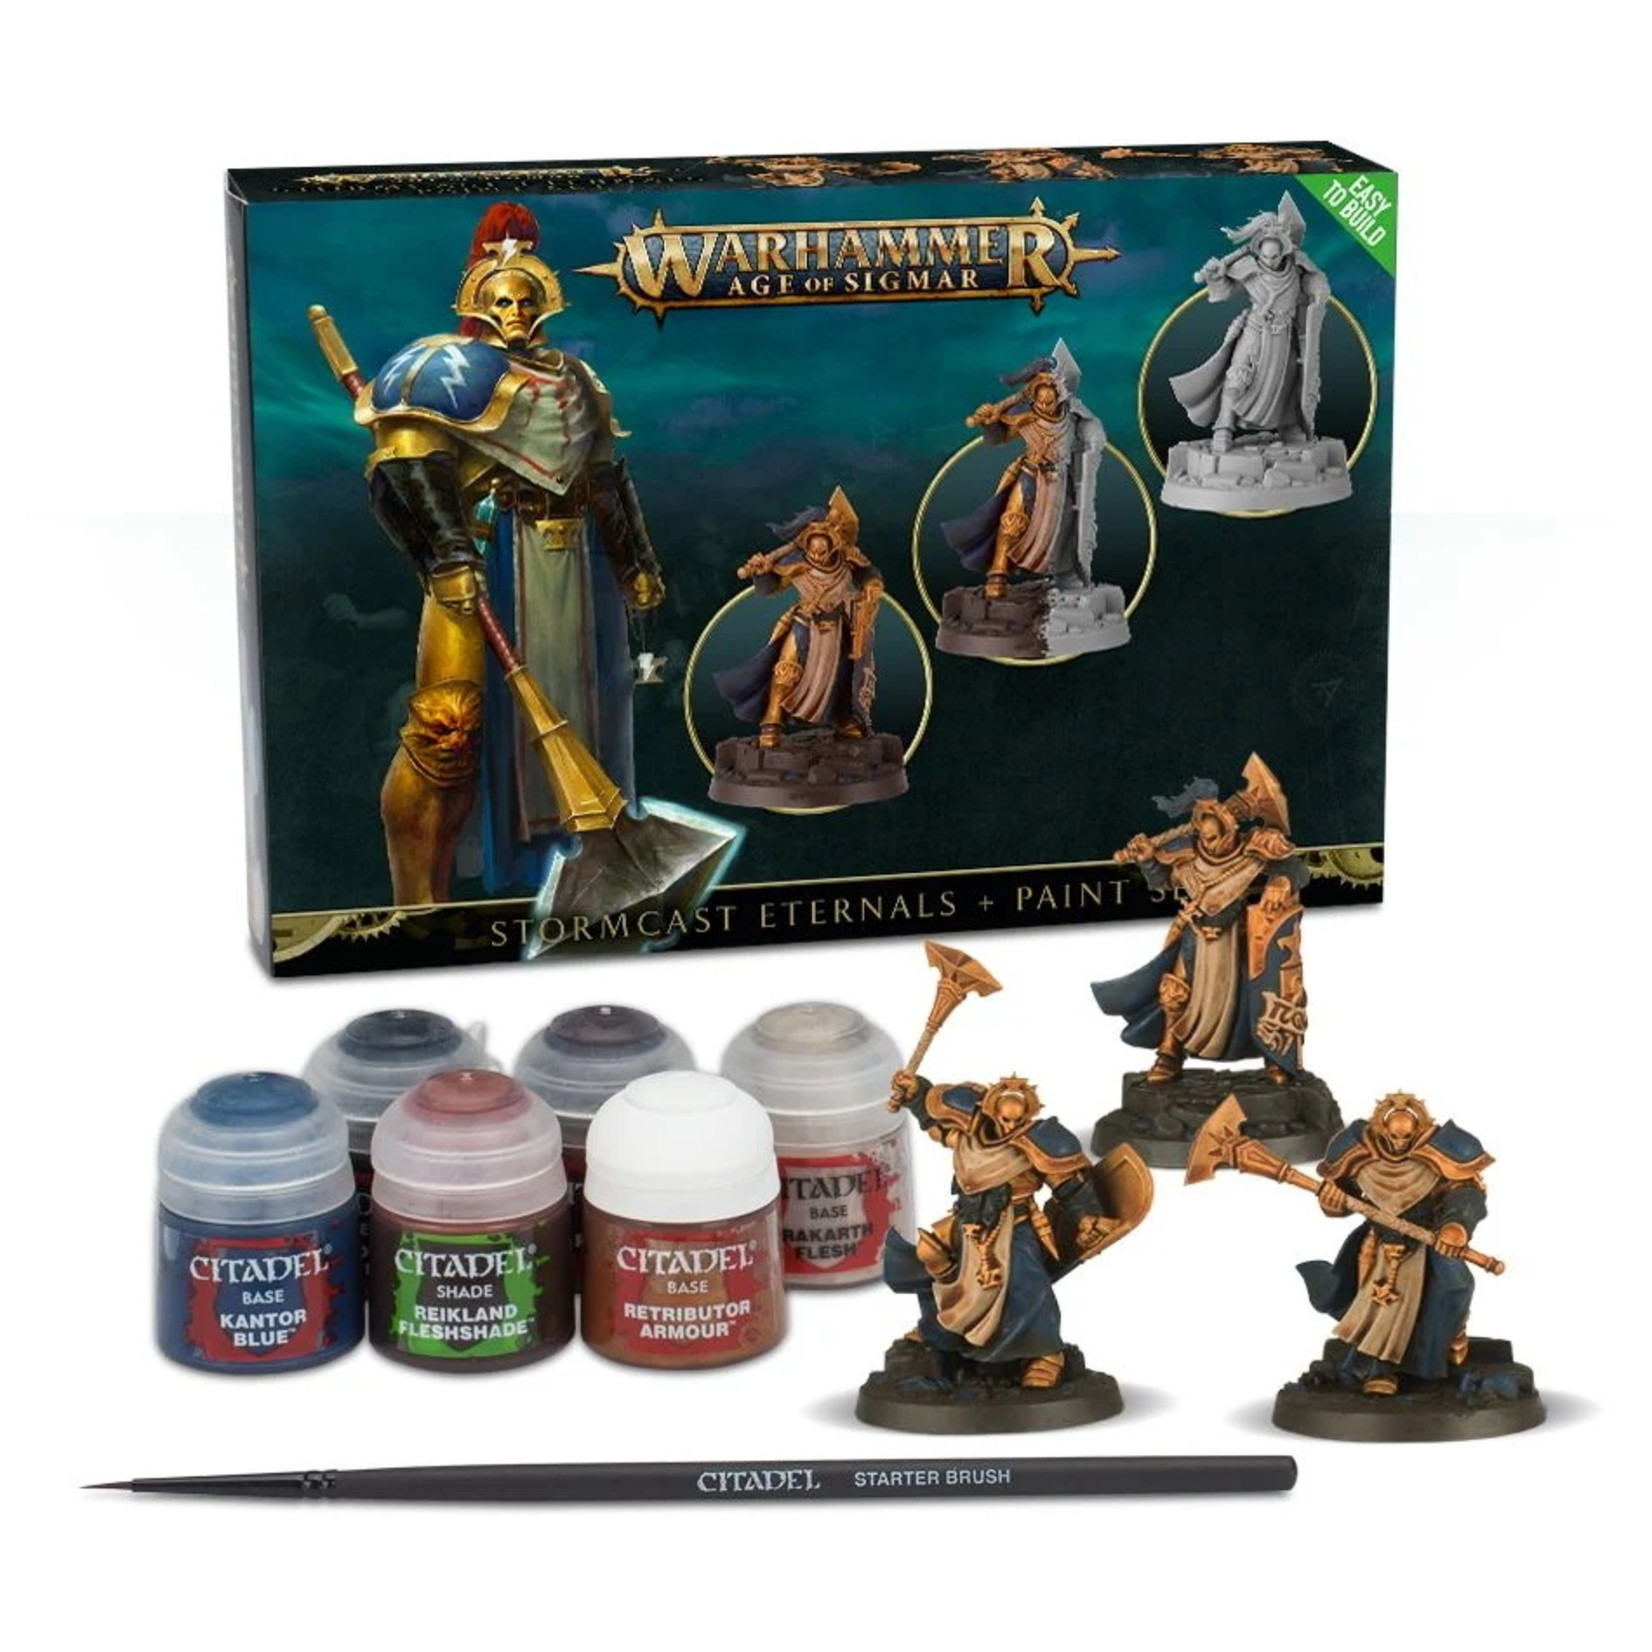 Games Workshop Stormcast Eternals + Paint Set